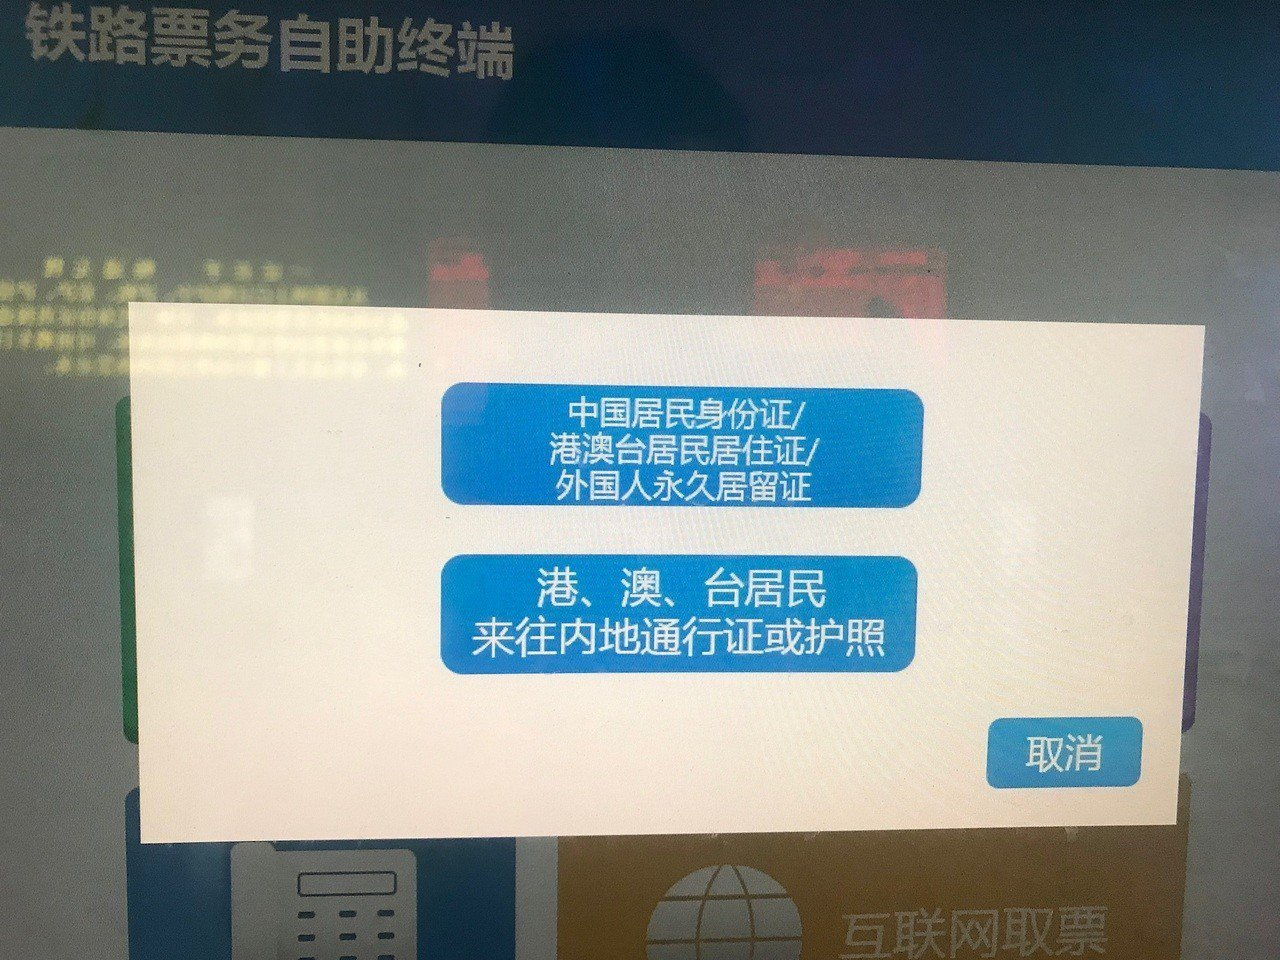 雖然上海第一批台胞居住證在本月19日才會發放,但上海虹橋高鐵站的購票系統,已率先...